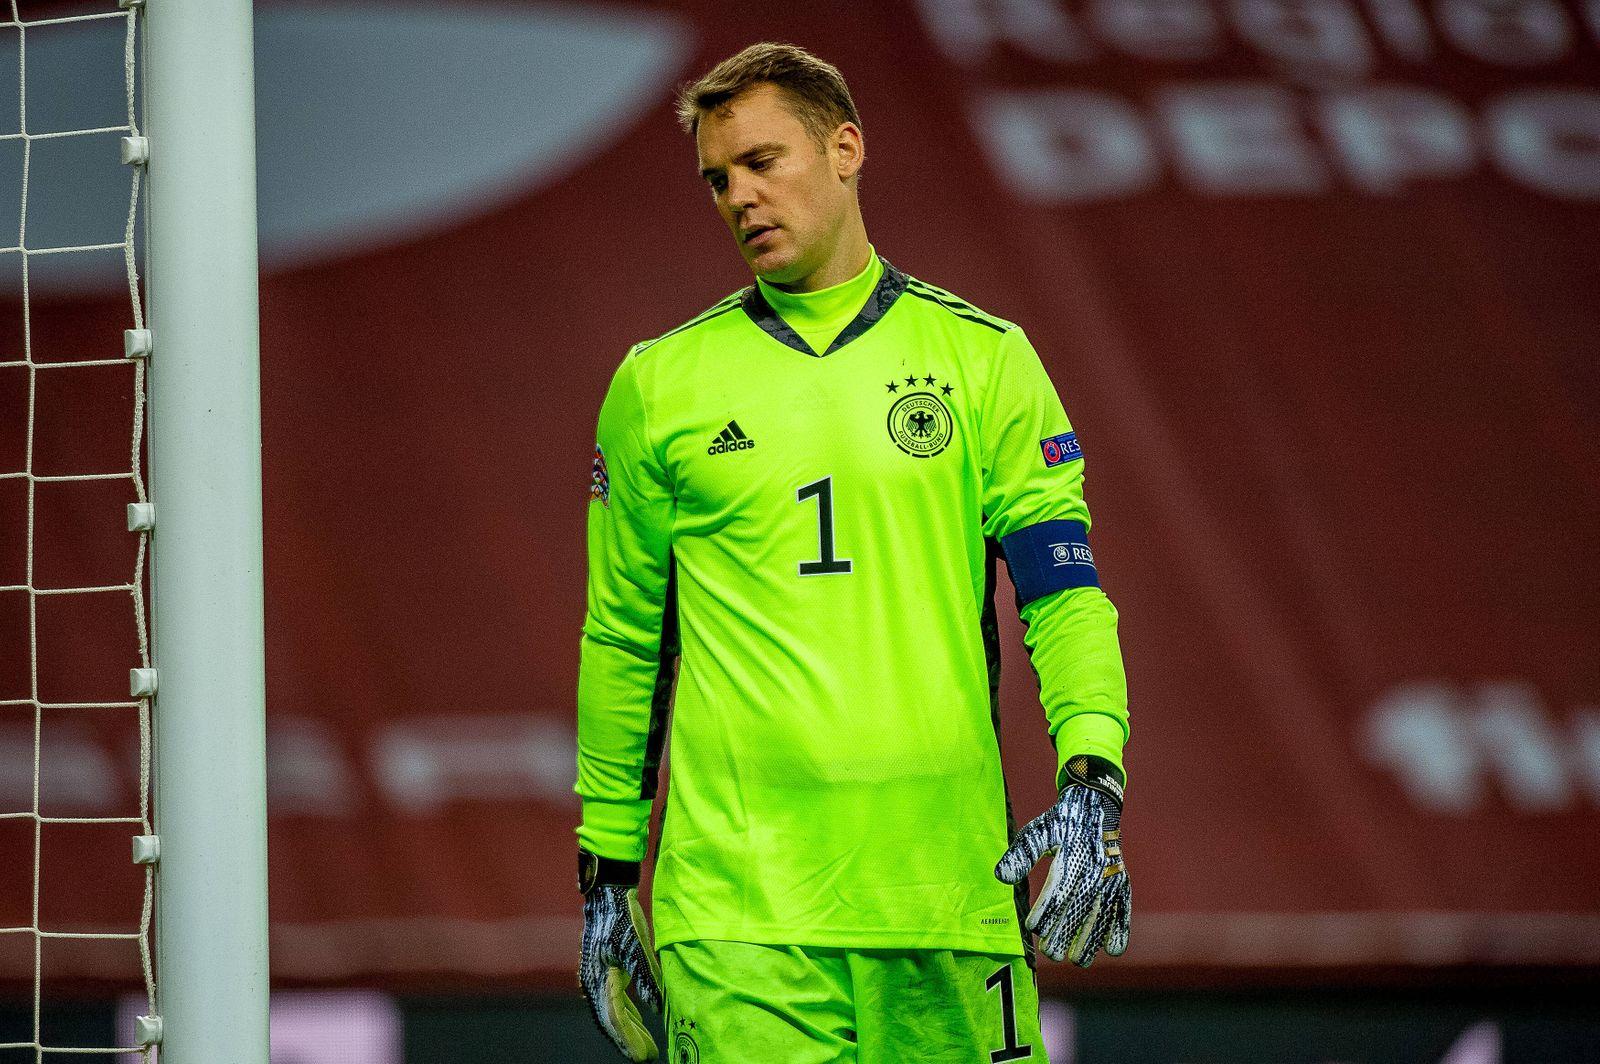 Im Manuel Neuer (Deutschland, 01) betruebt, GER, Spanien vs. Deutschland, Fussball, UEFA Nations League, Saison 2020/202